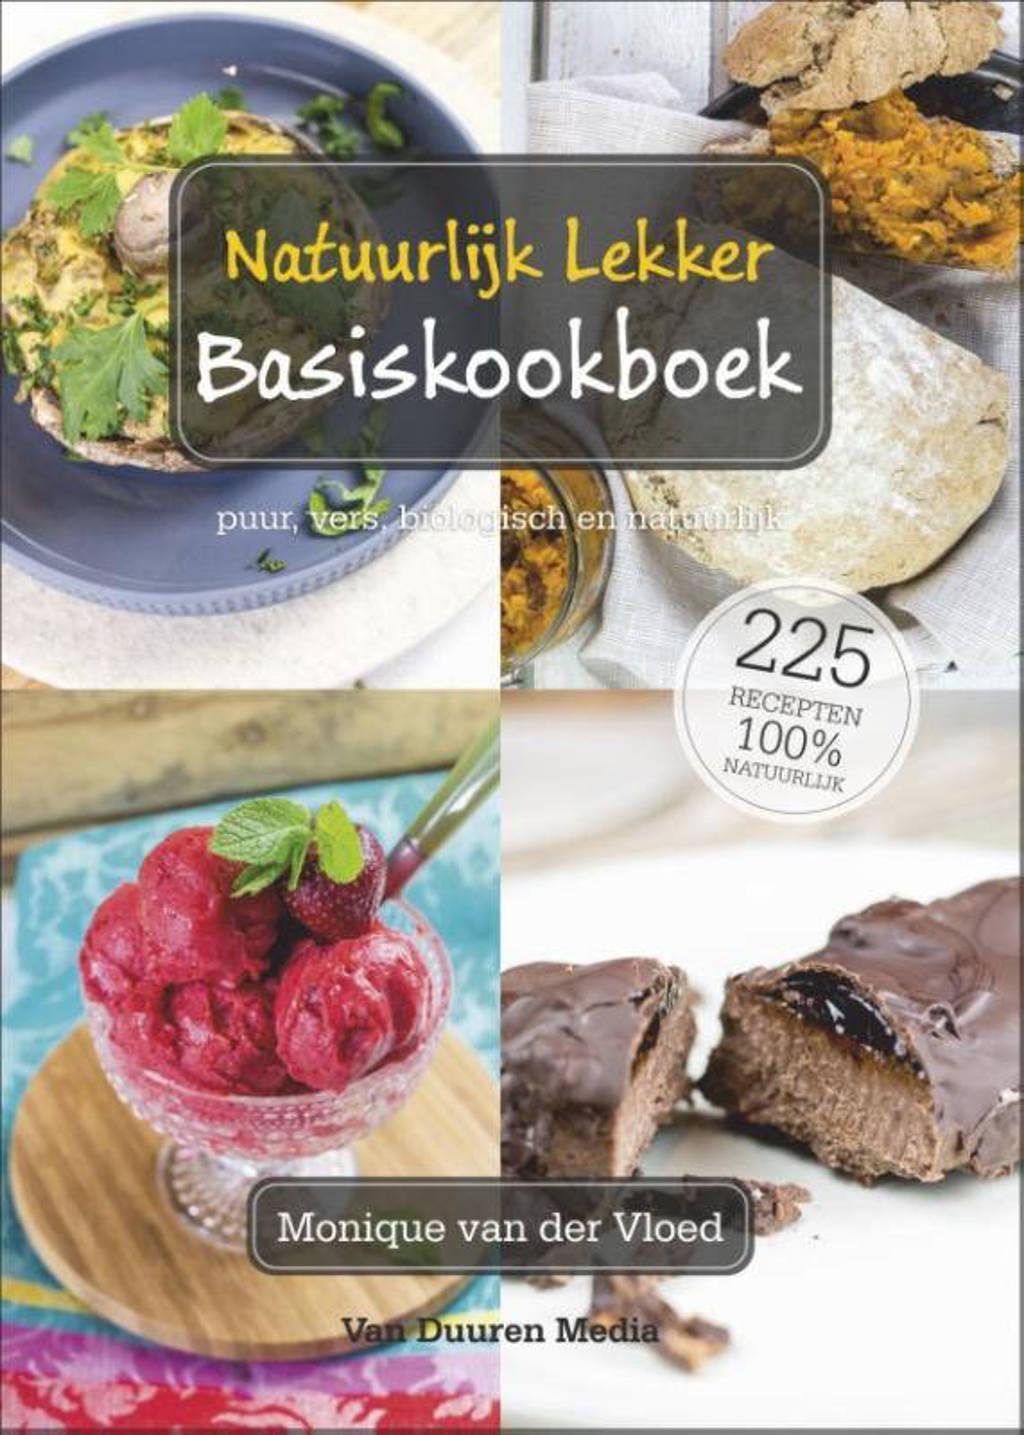 Natuurlijk lekker basiskookboek - Monique van der Vloed